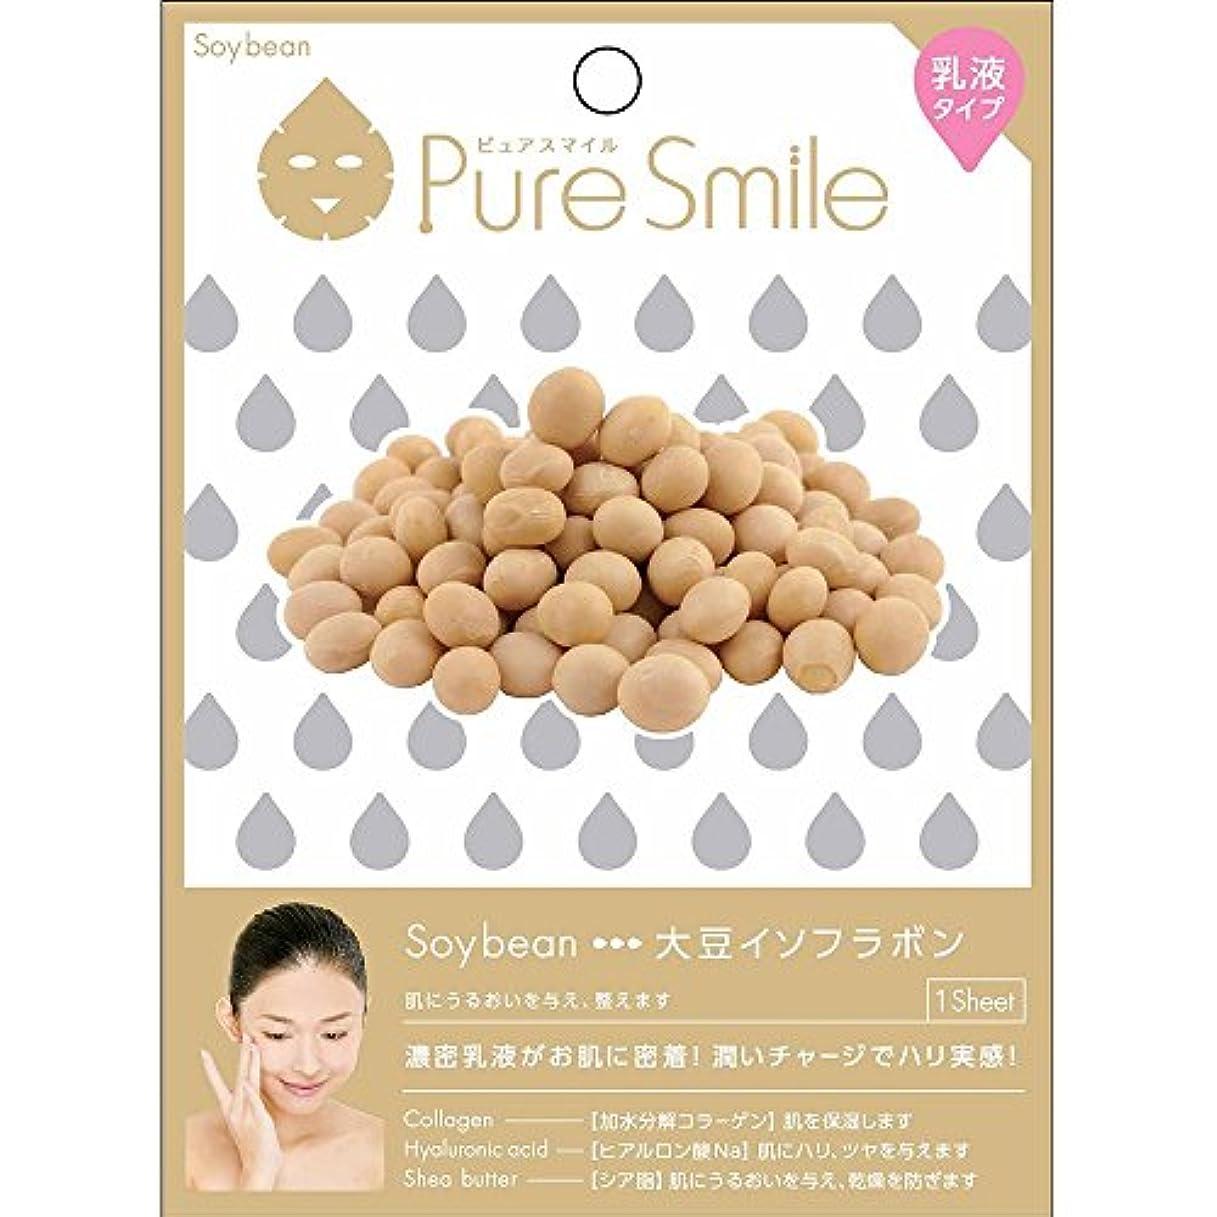 安いです不適当うなずくPure Smile(ピュアスマイル) 乳液エッセンスマスク 1 枚 大豆イソフラボン